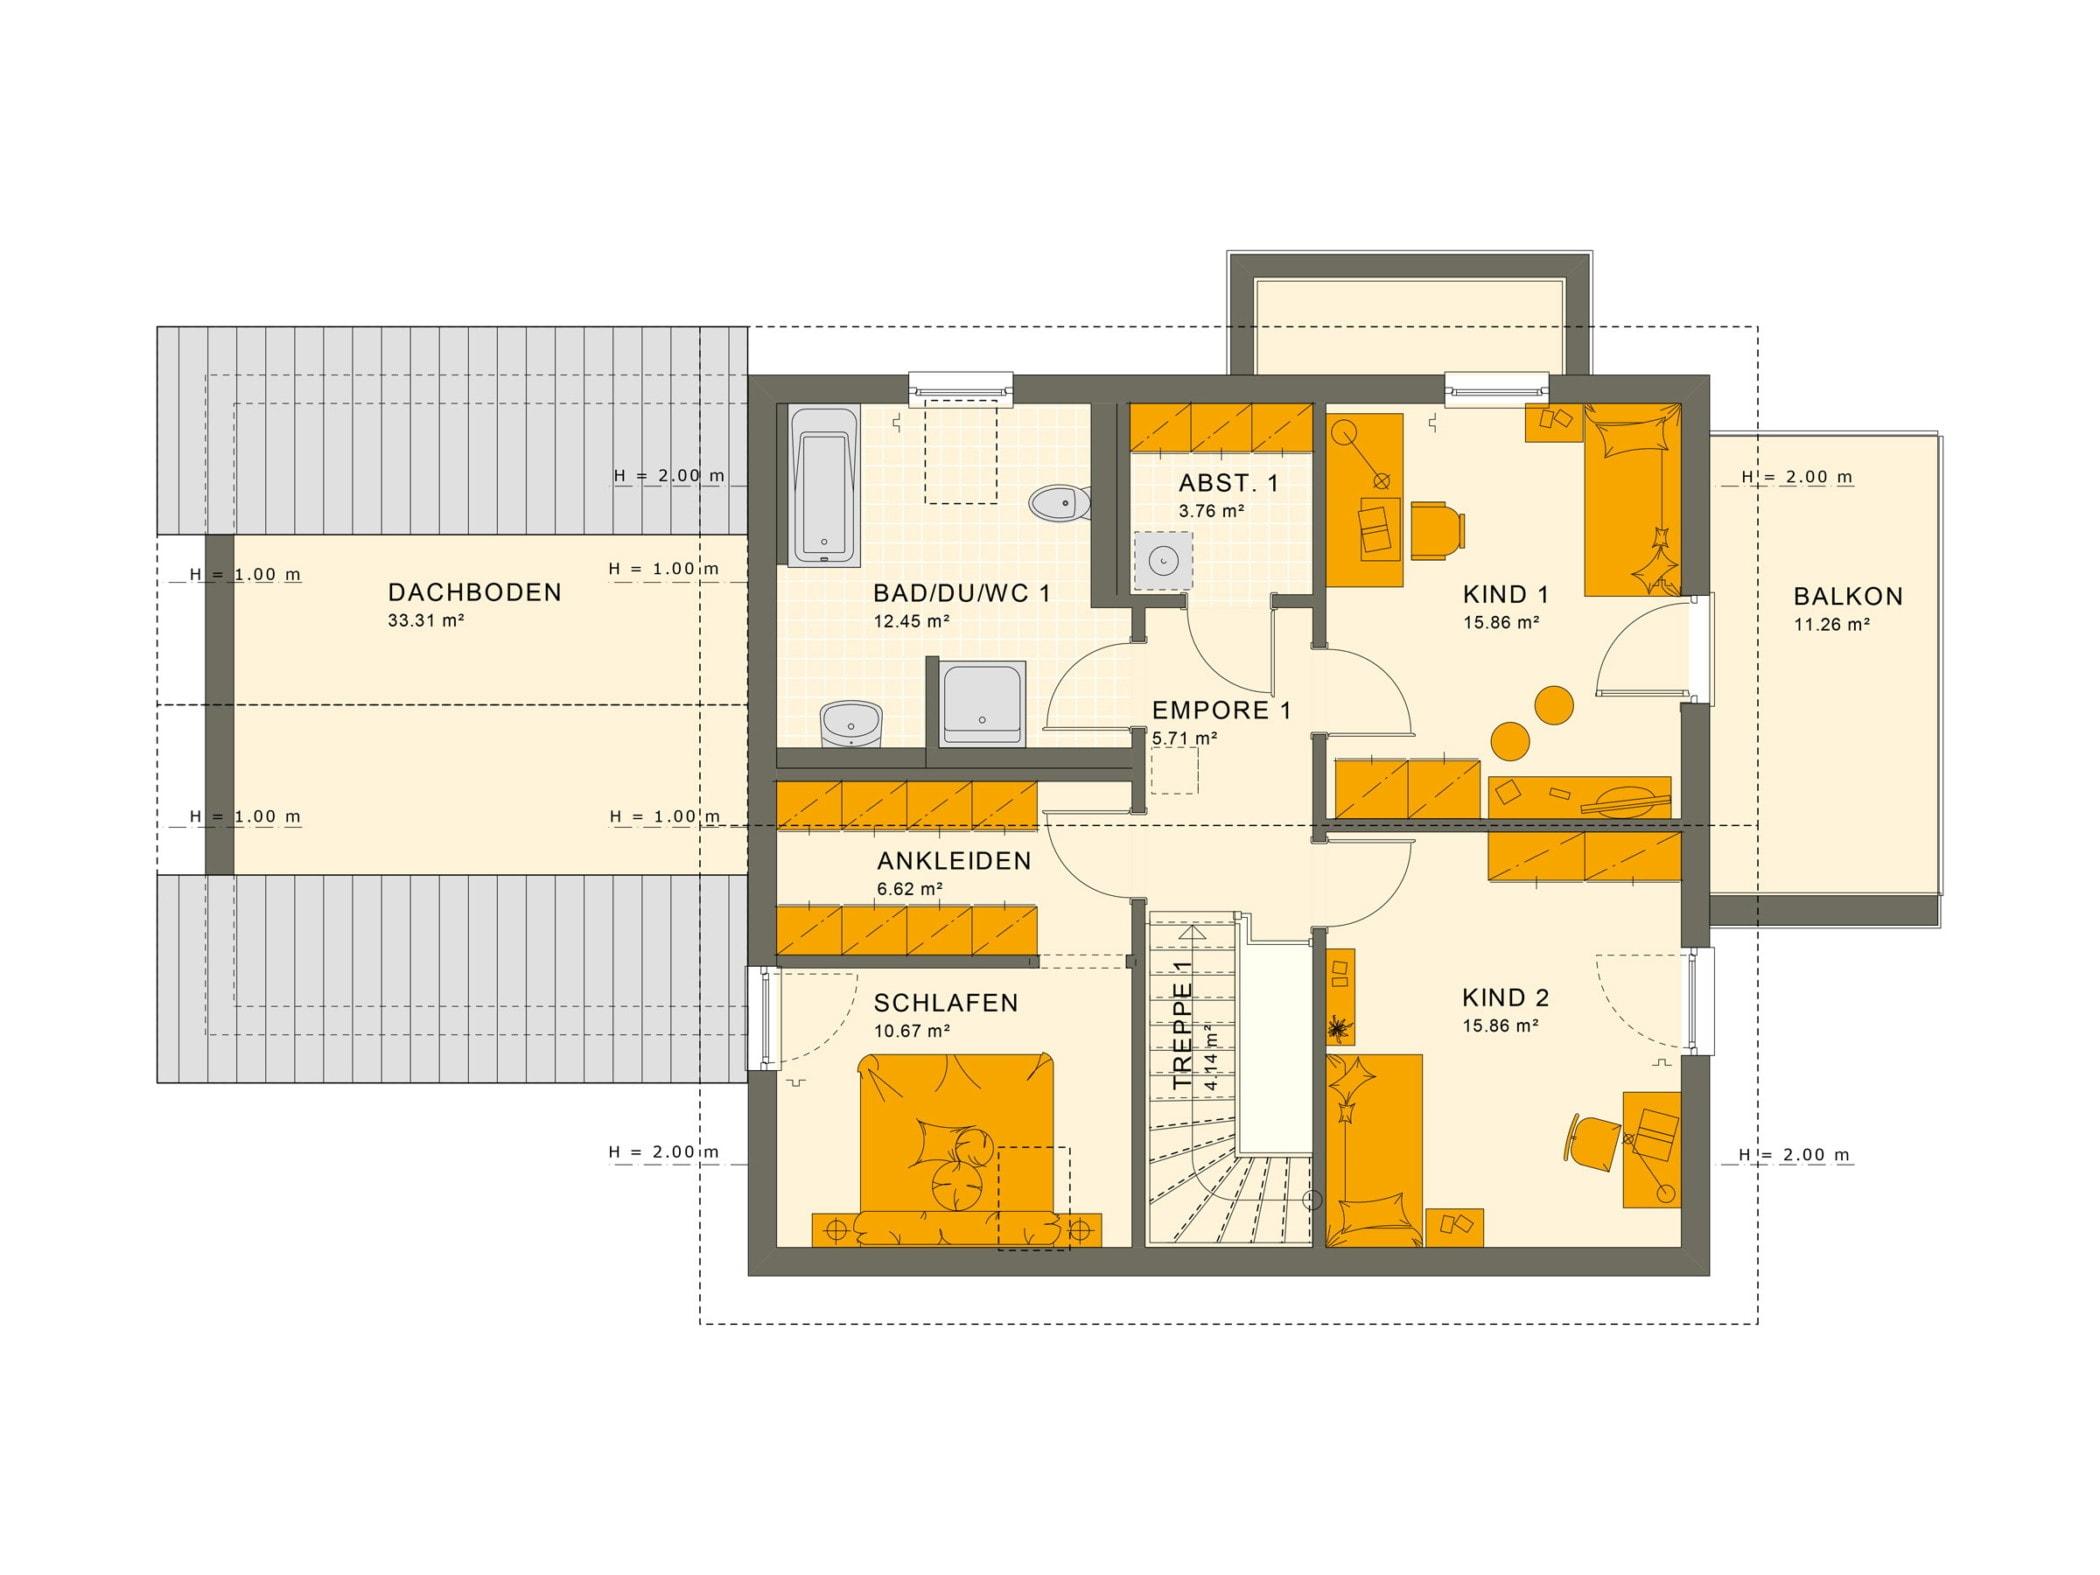 Grundriss Einfamilienhaus mit Einliegerwohnung Dachgeschoss, 7 Zimmer, 180 qm - Fertighaus schlüsselfertig bauen Ideen Living Haus SOLUTION 183 V4 - HausbauDirekt.de